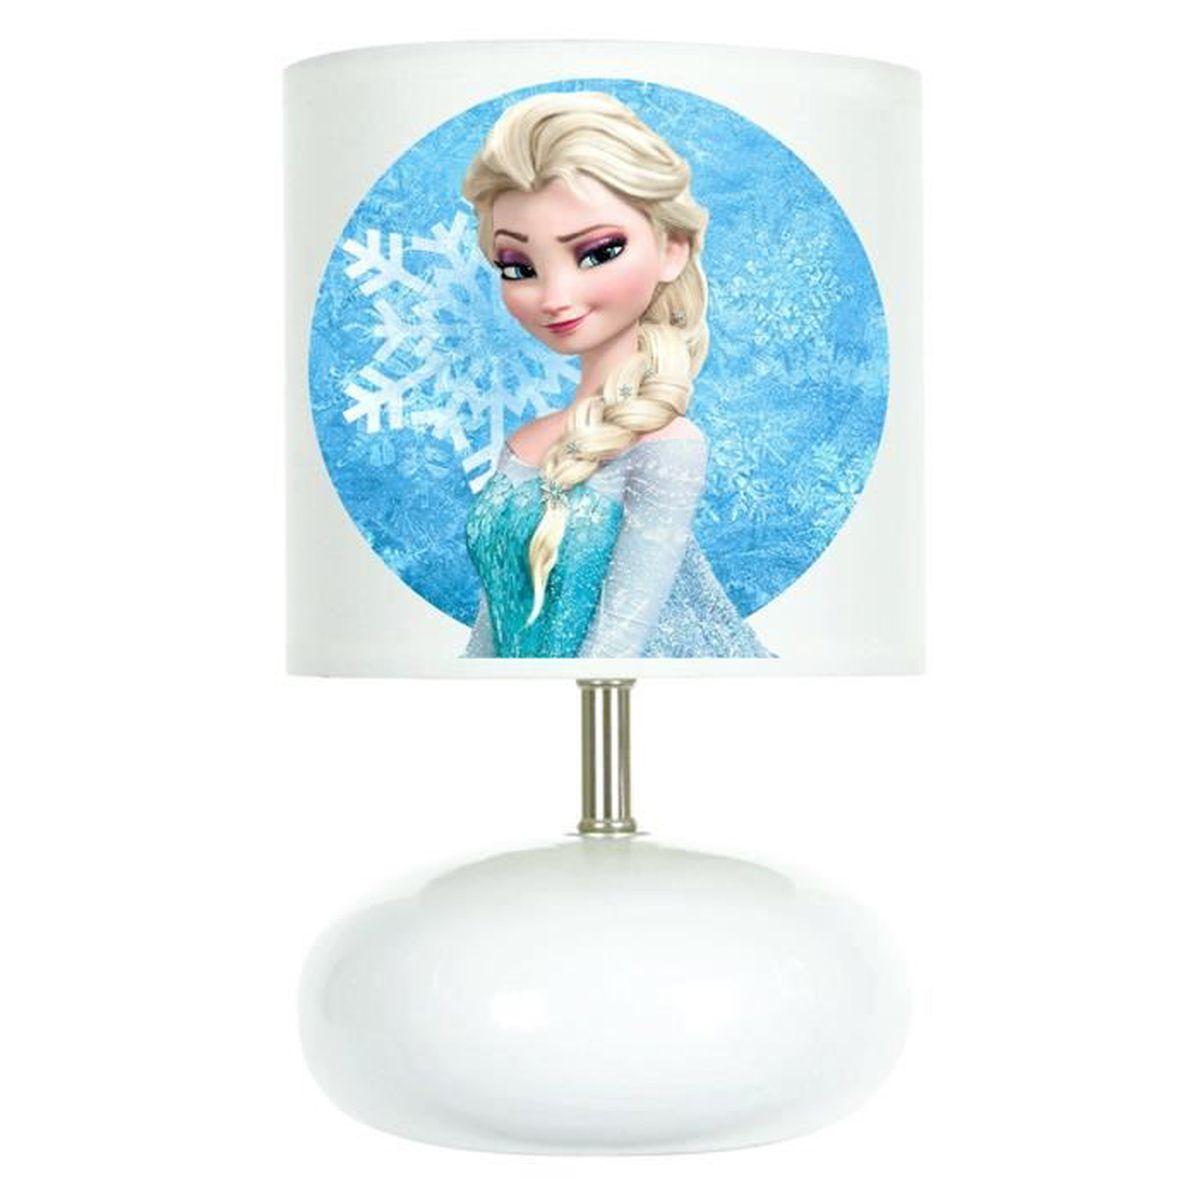 Création Pe Des Neiges Reine Enfant De Lampe Chevet Frozen c4RqS35AjL